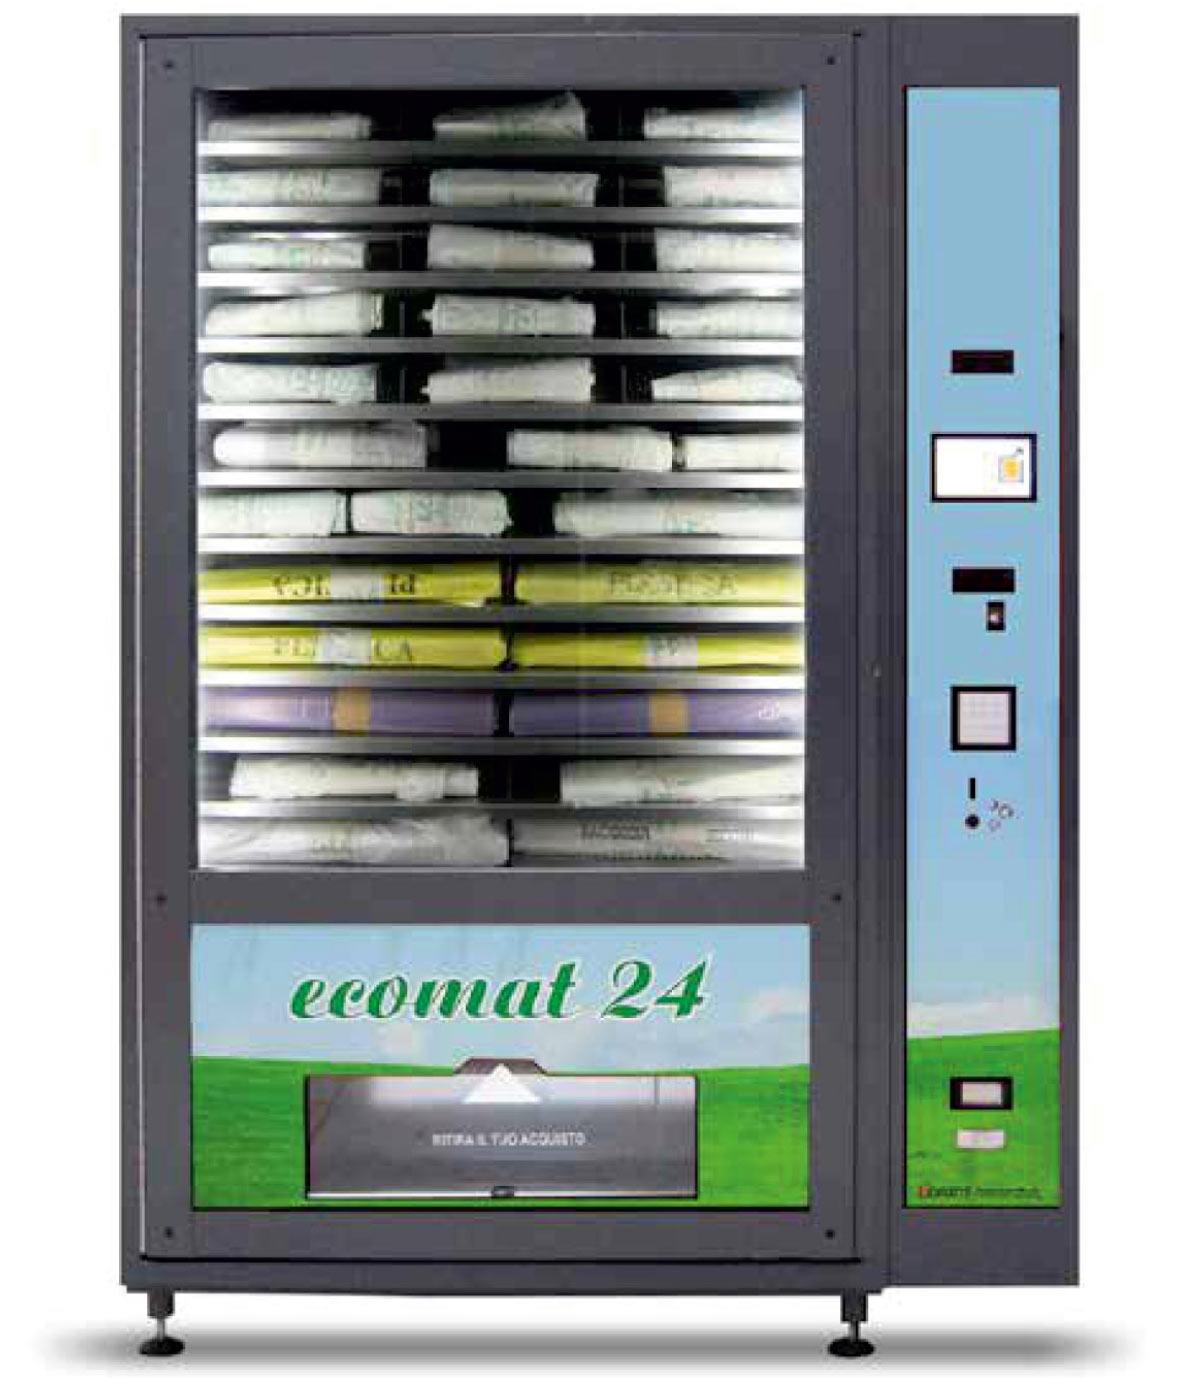 ECOMAT24 Window - Daint srl Distributori Automatici